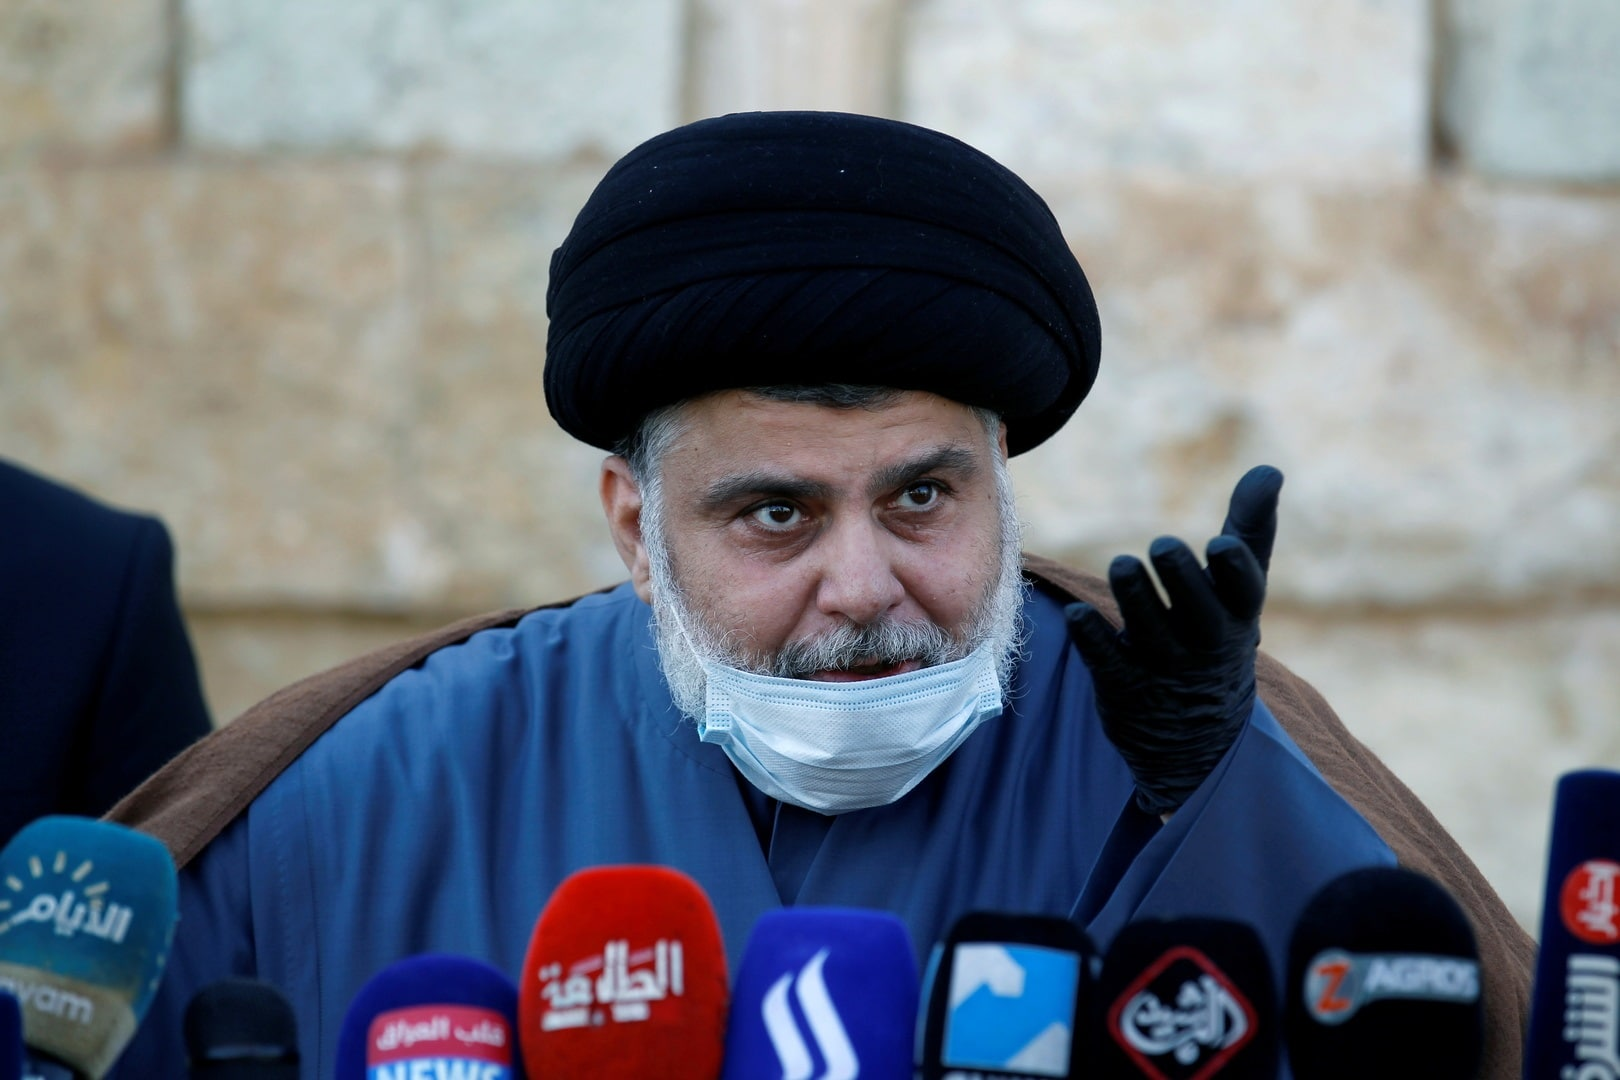 عراقيون يفدون مقتدى الصدر بأرواحهم في حملة أطلقوها عقب قوله (أبشركم بقرب موتي)